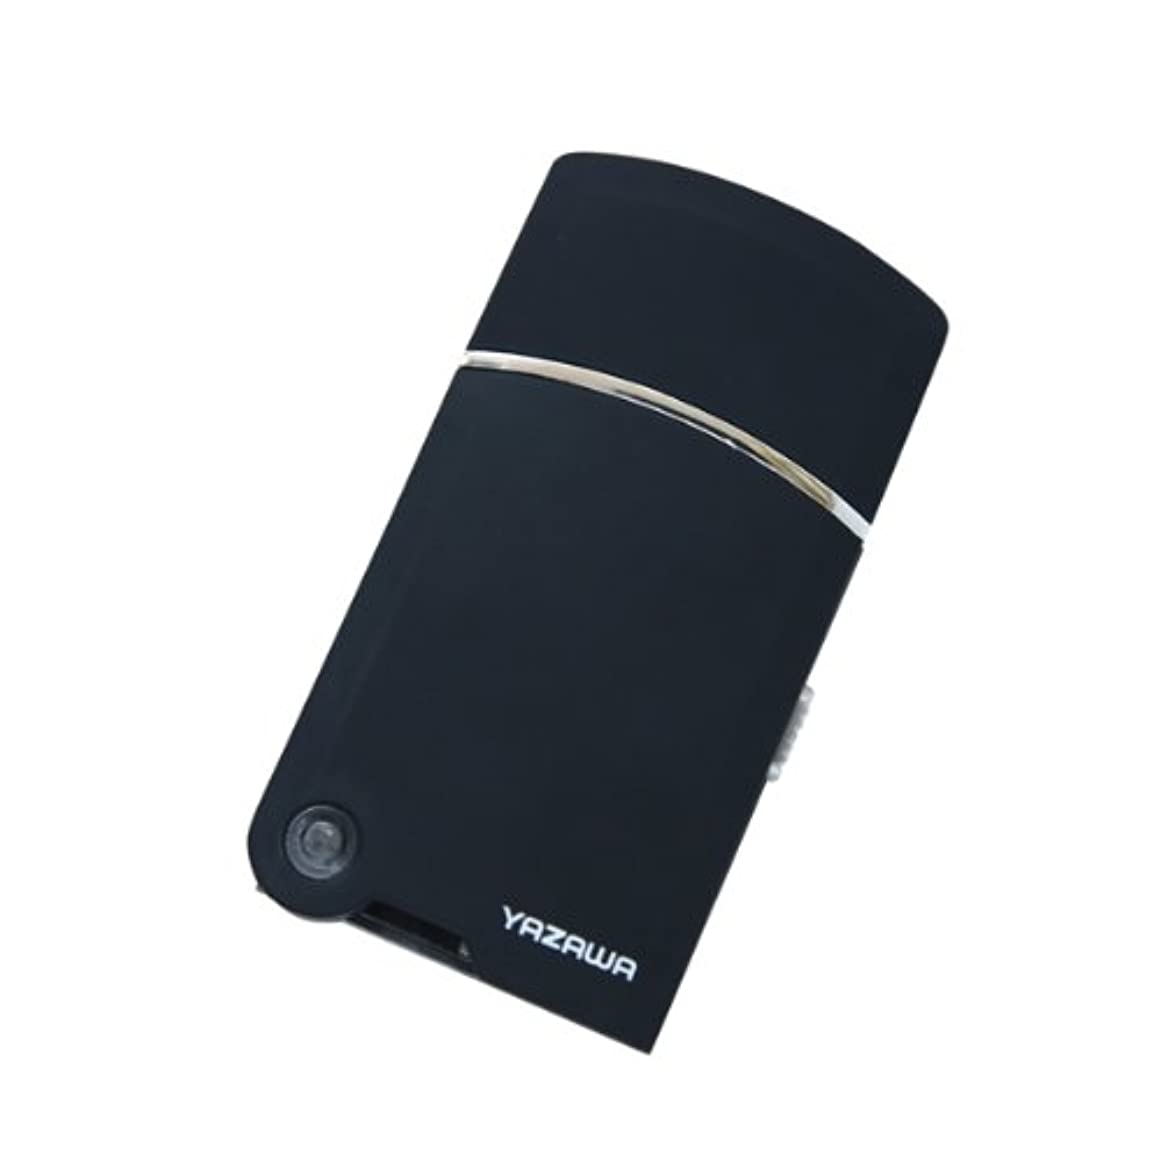 ウイルス反応する洗剤ヤザワ トラベルUSBシェーバー USB充電式 掃除用ブラシ付き TVR08BK